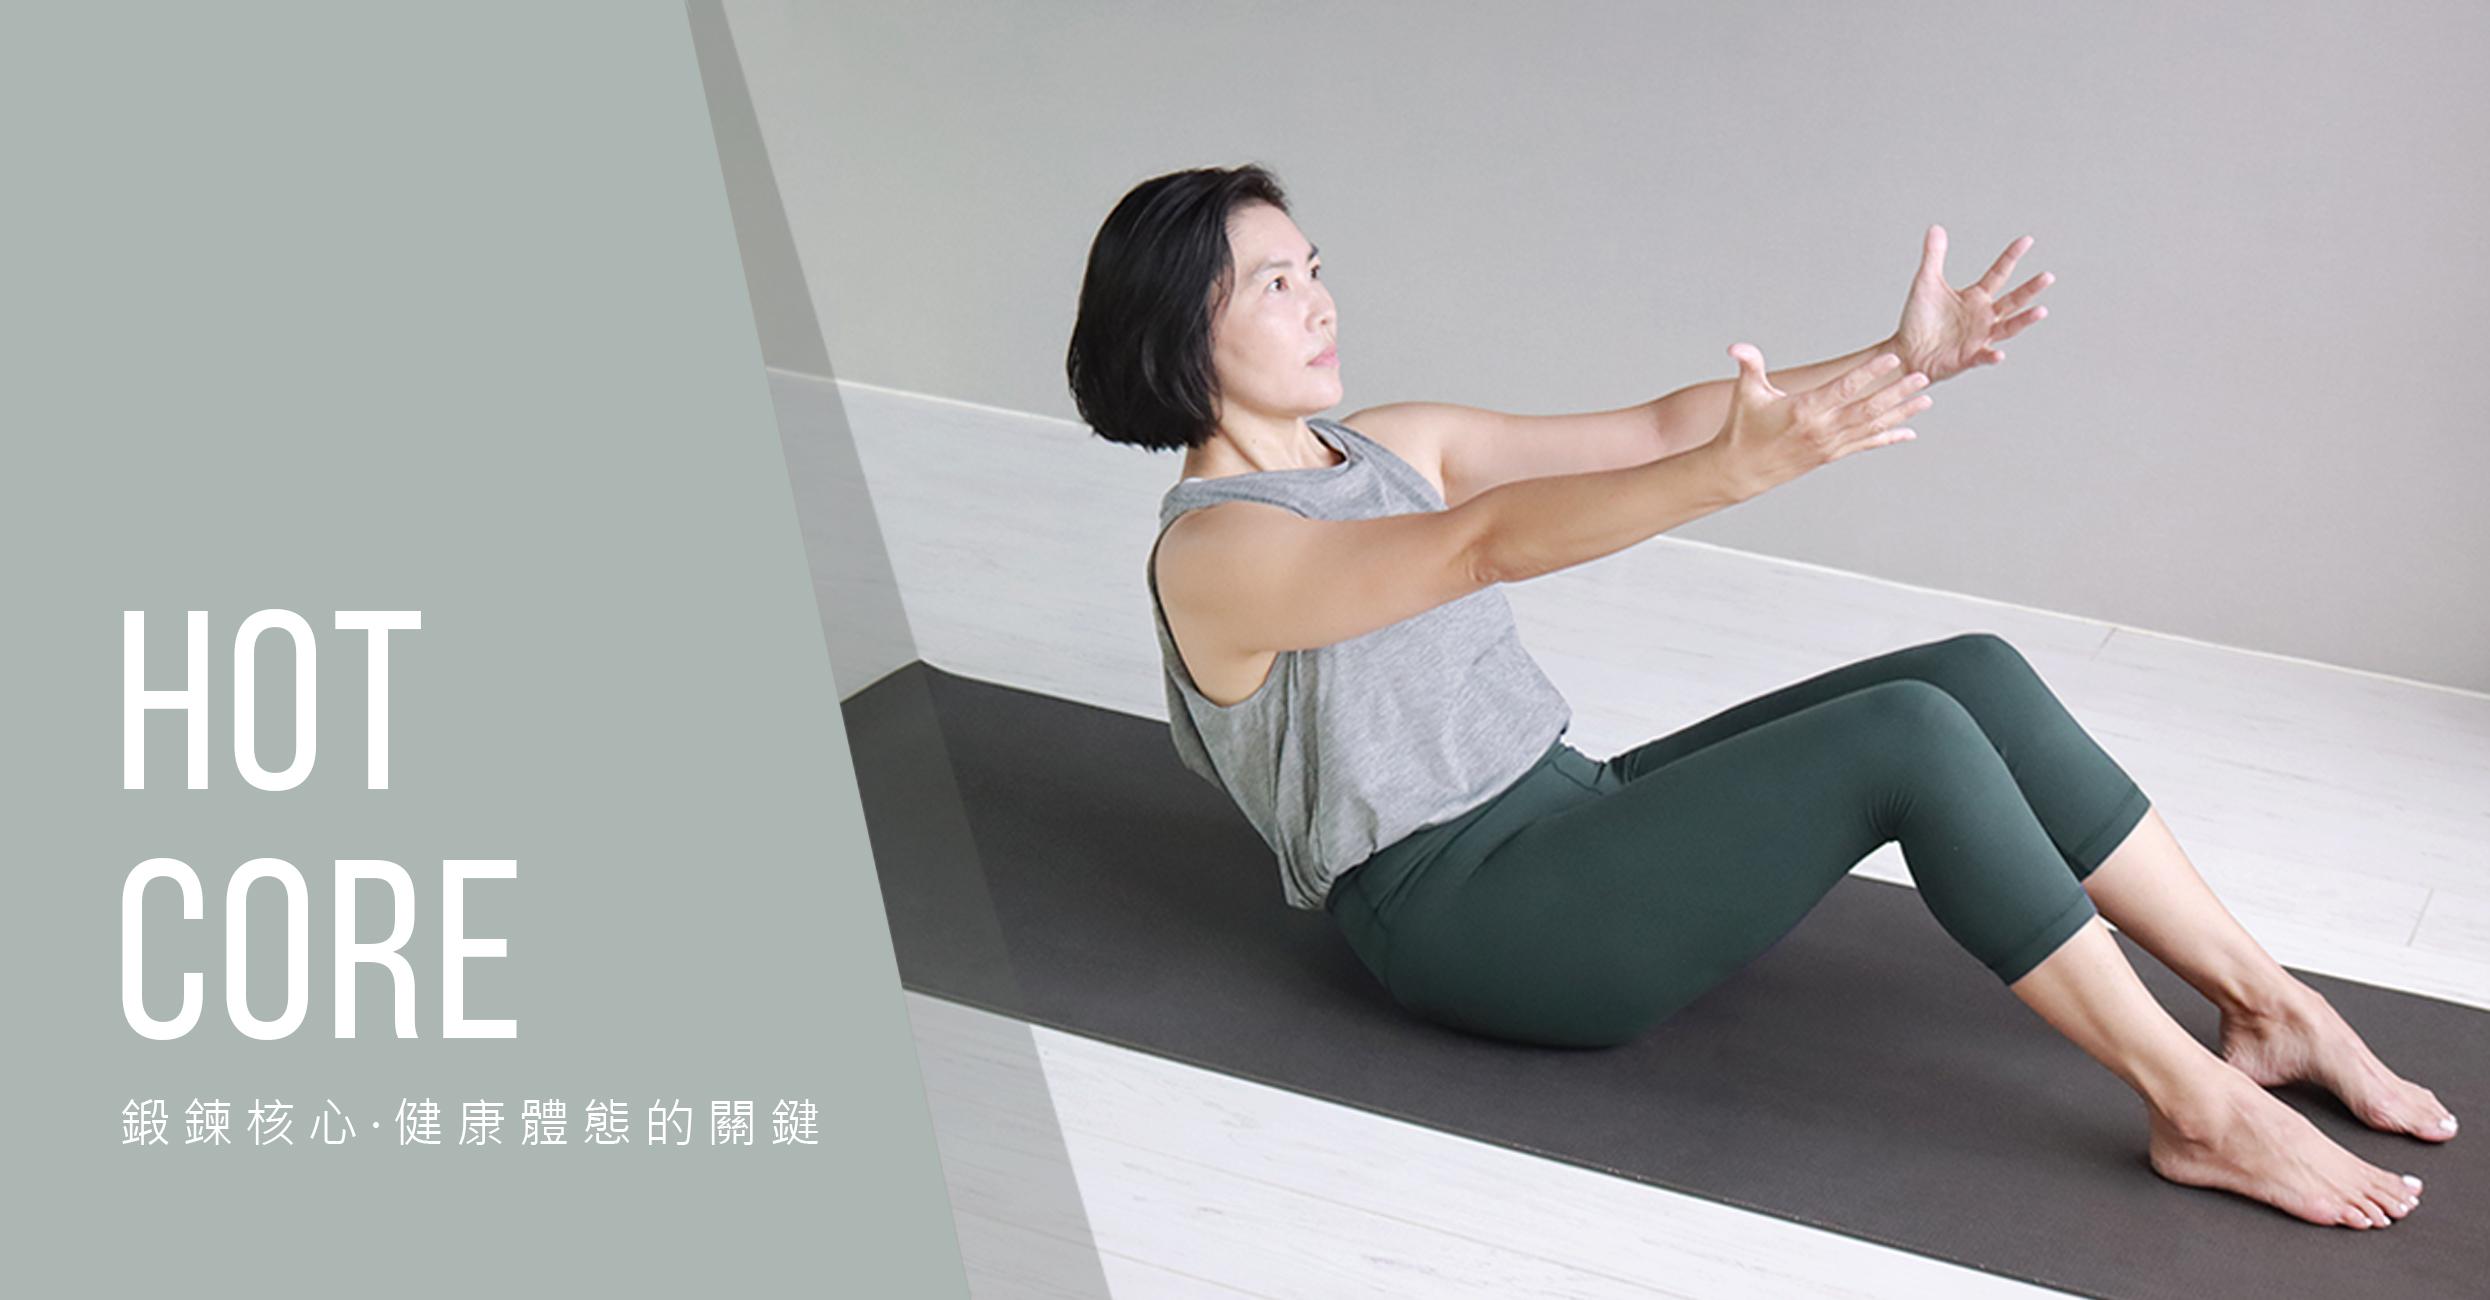 熱瑜珈_核心運動